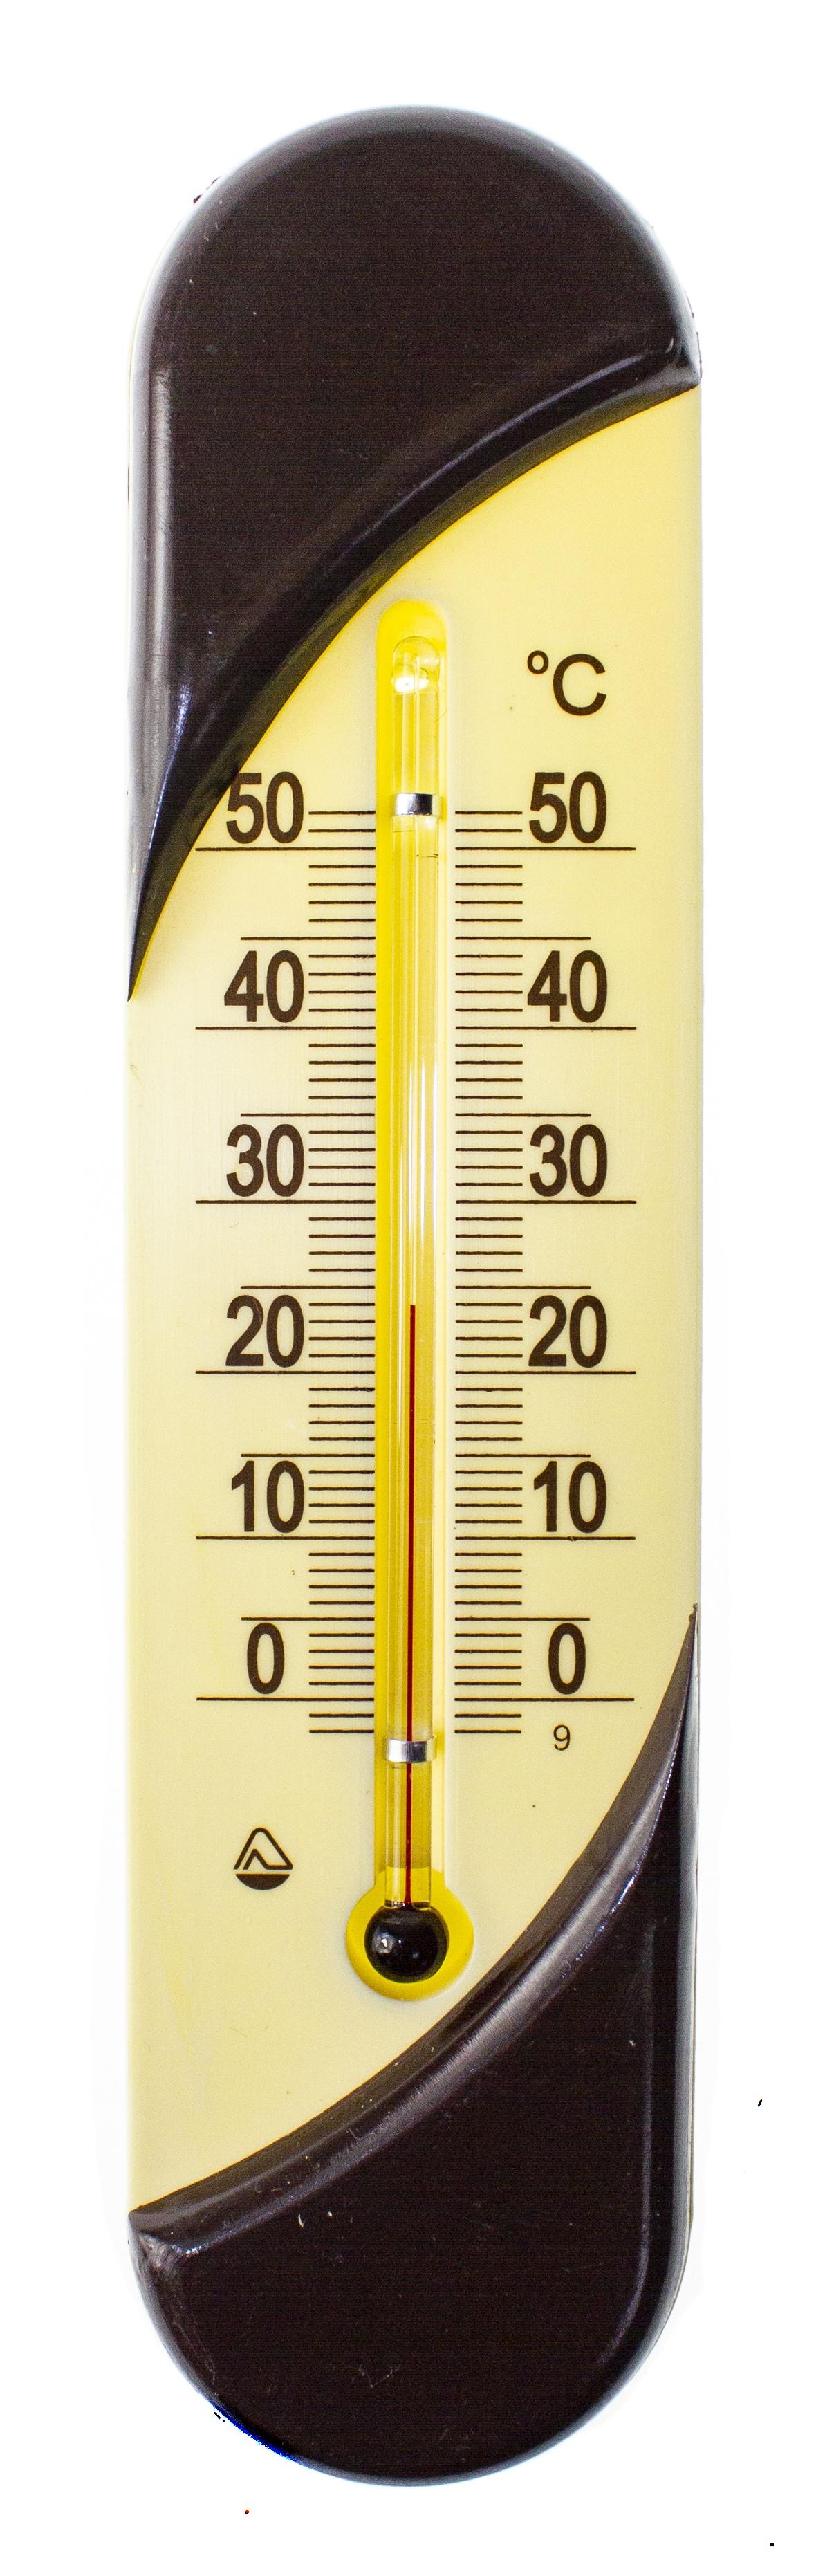 Термометр садовый PROFFI комнатный, настенный, пластиковый, бежевый